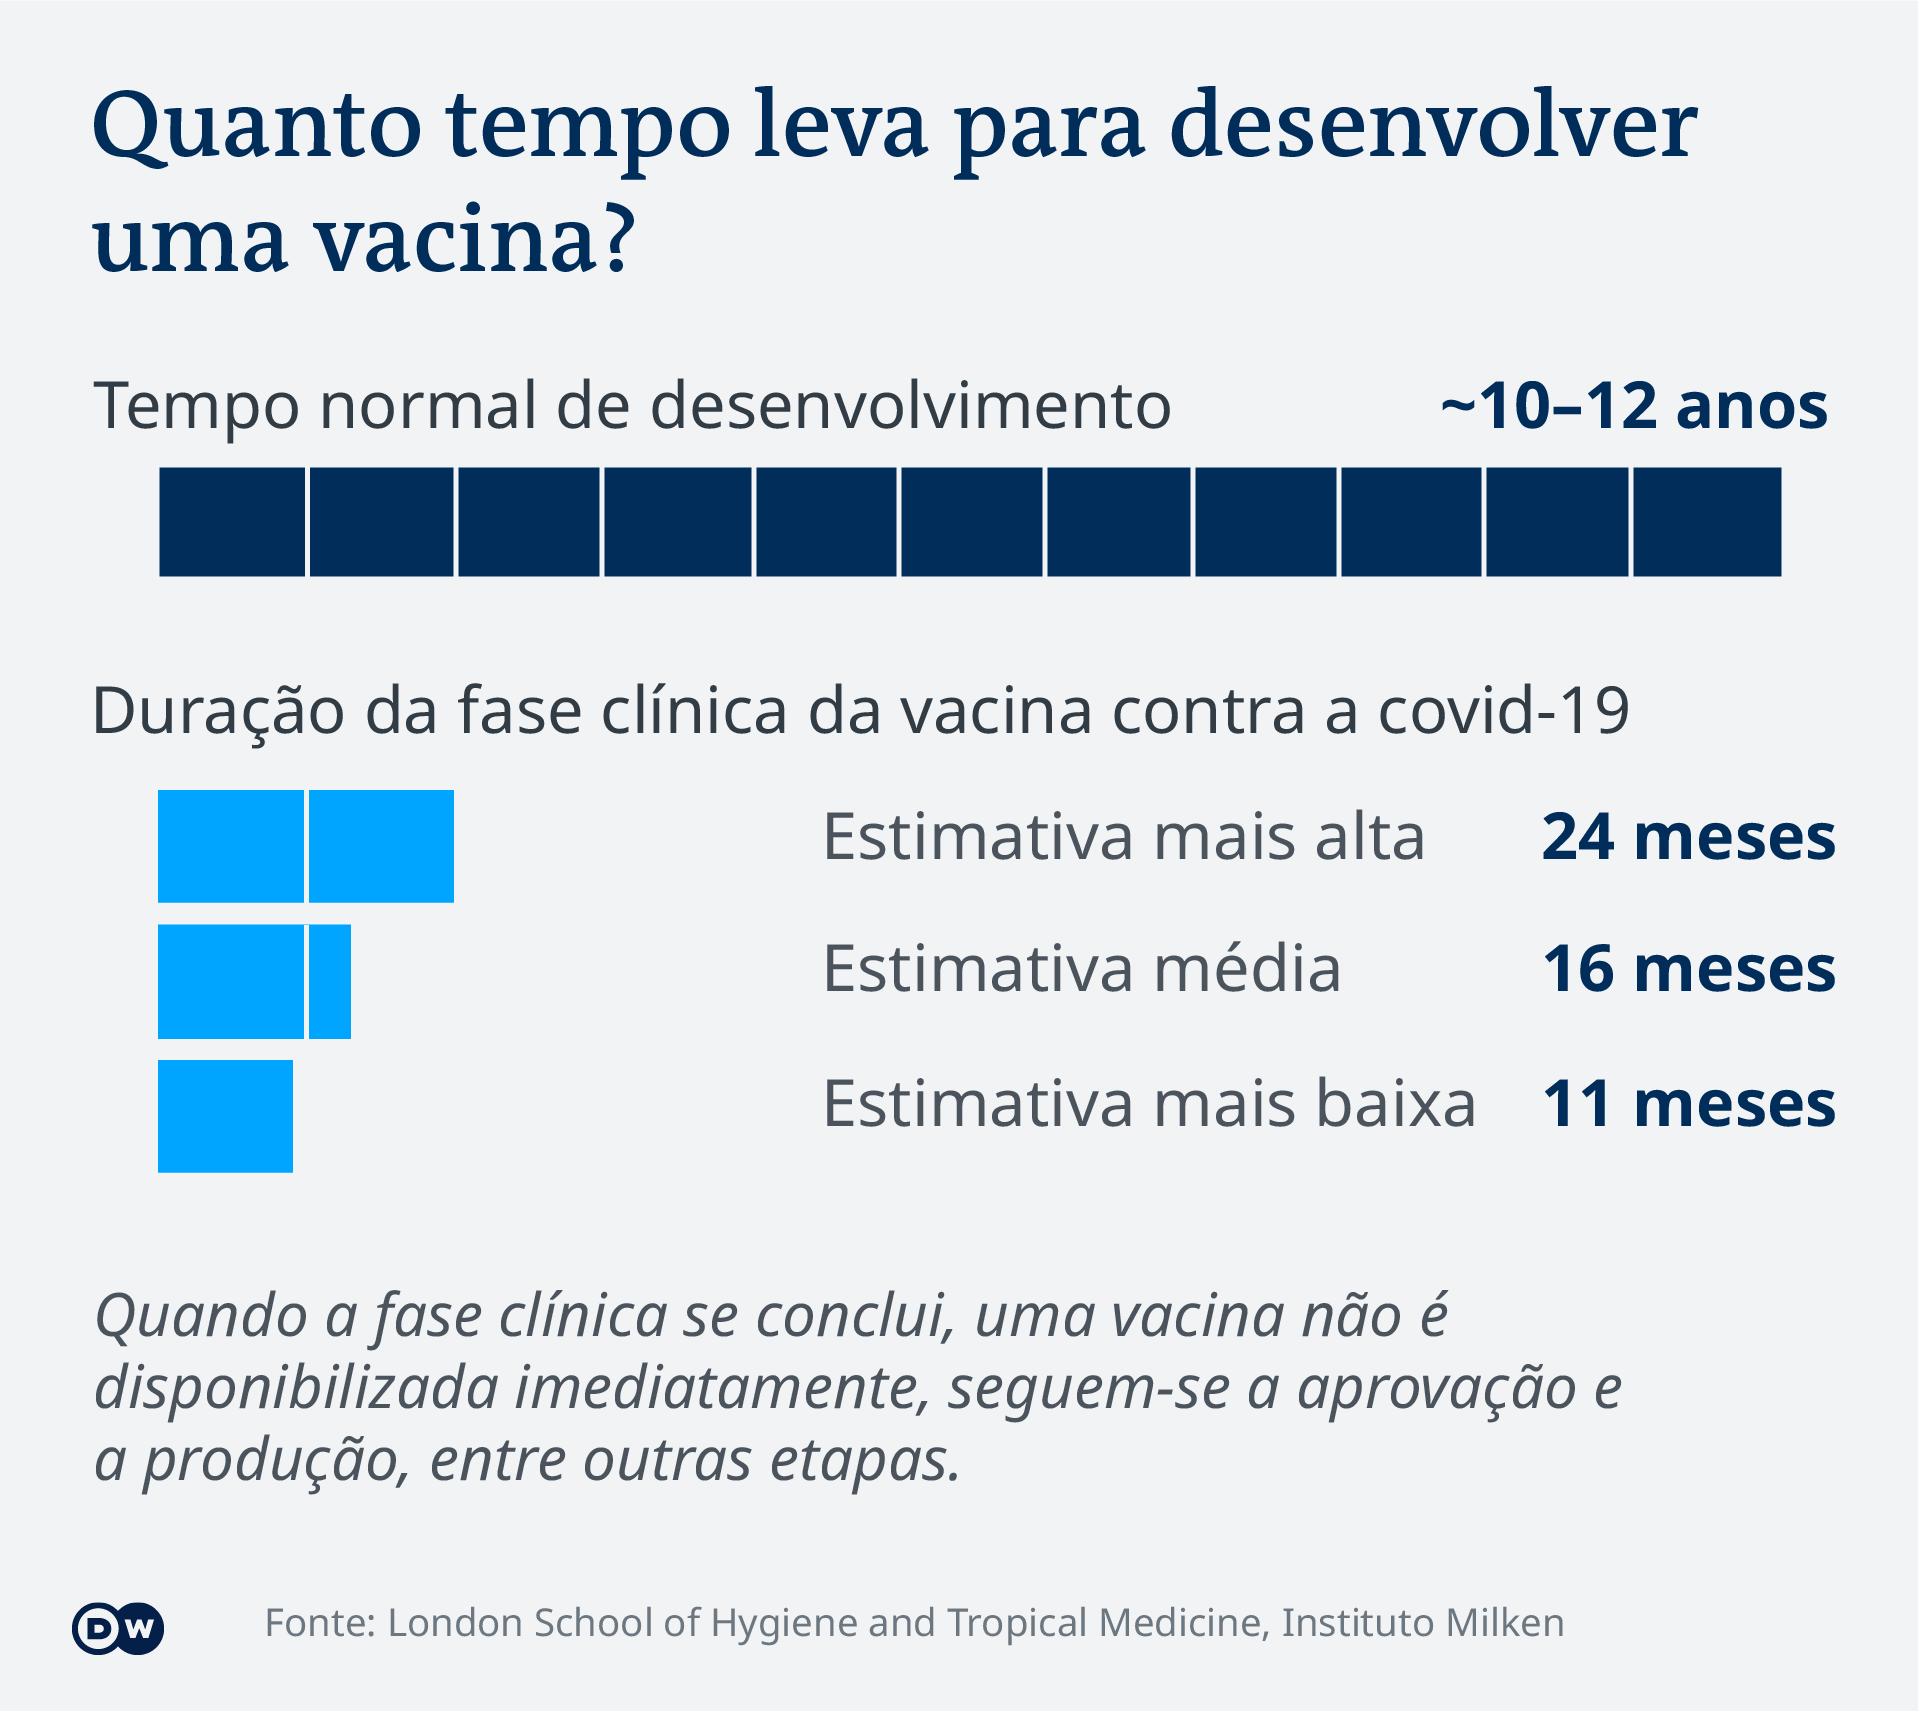 Data visualization - COVID-19 vaccine tracker - Duration - Update Jan 29, 2021 - Portuguese (Brazil)